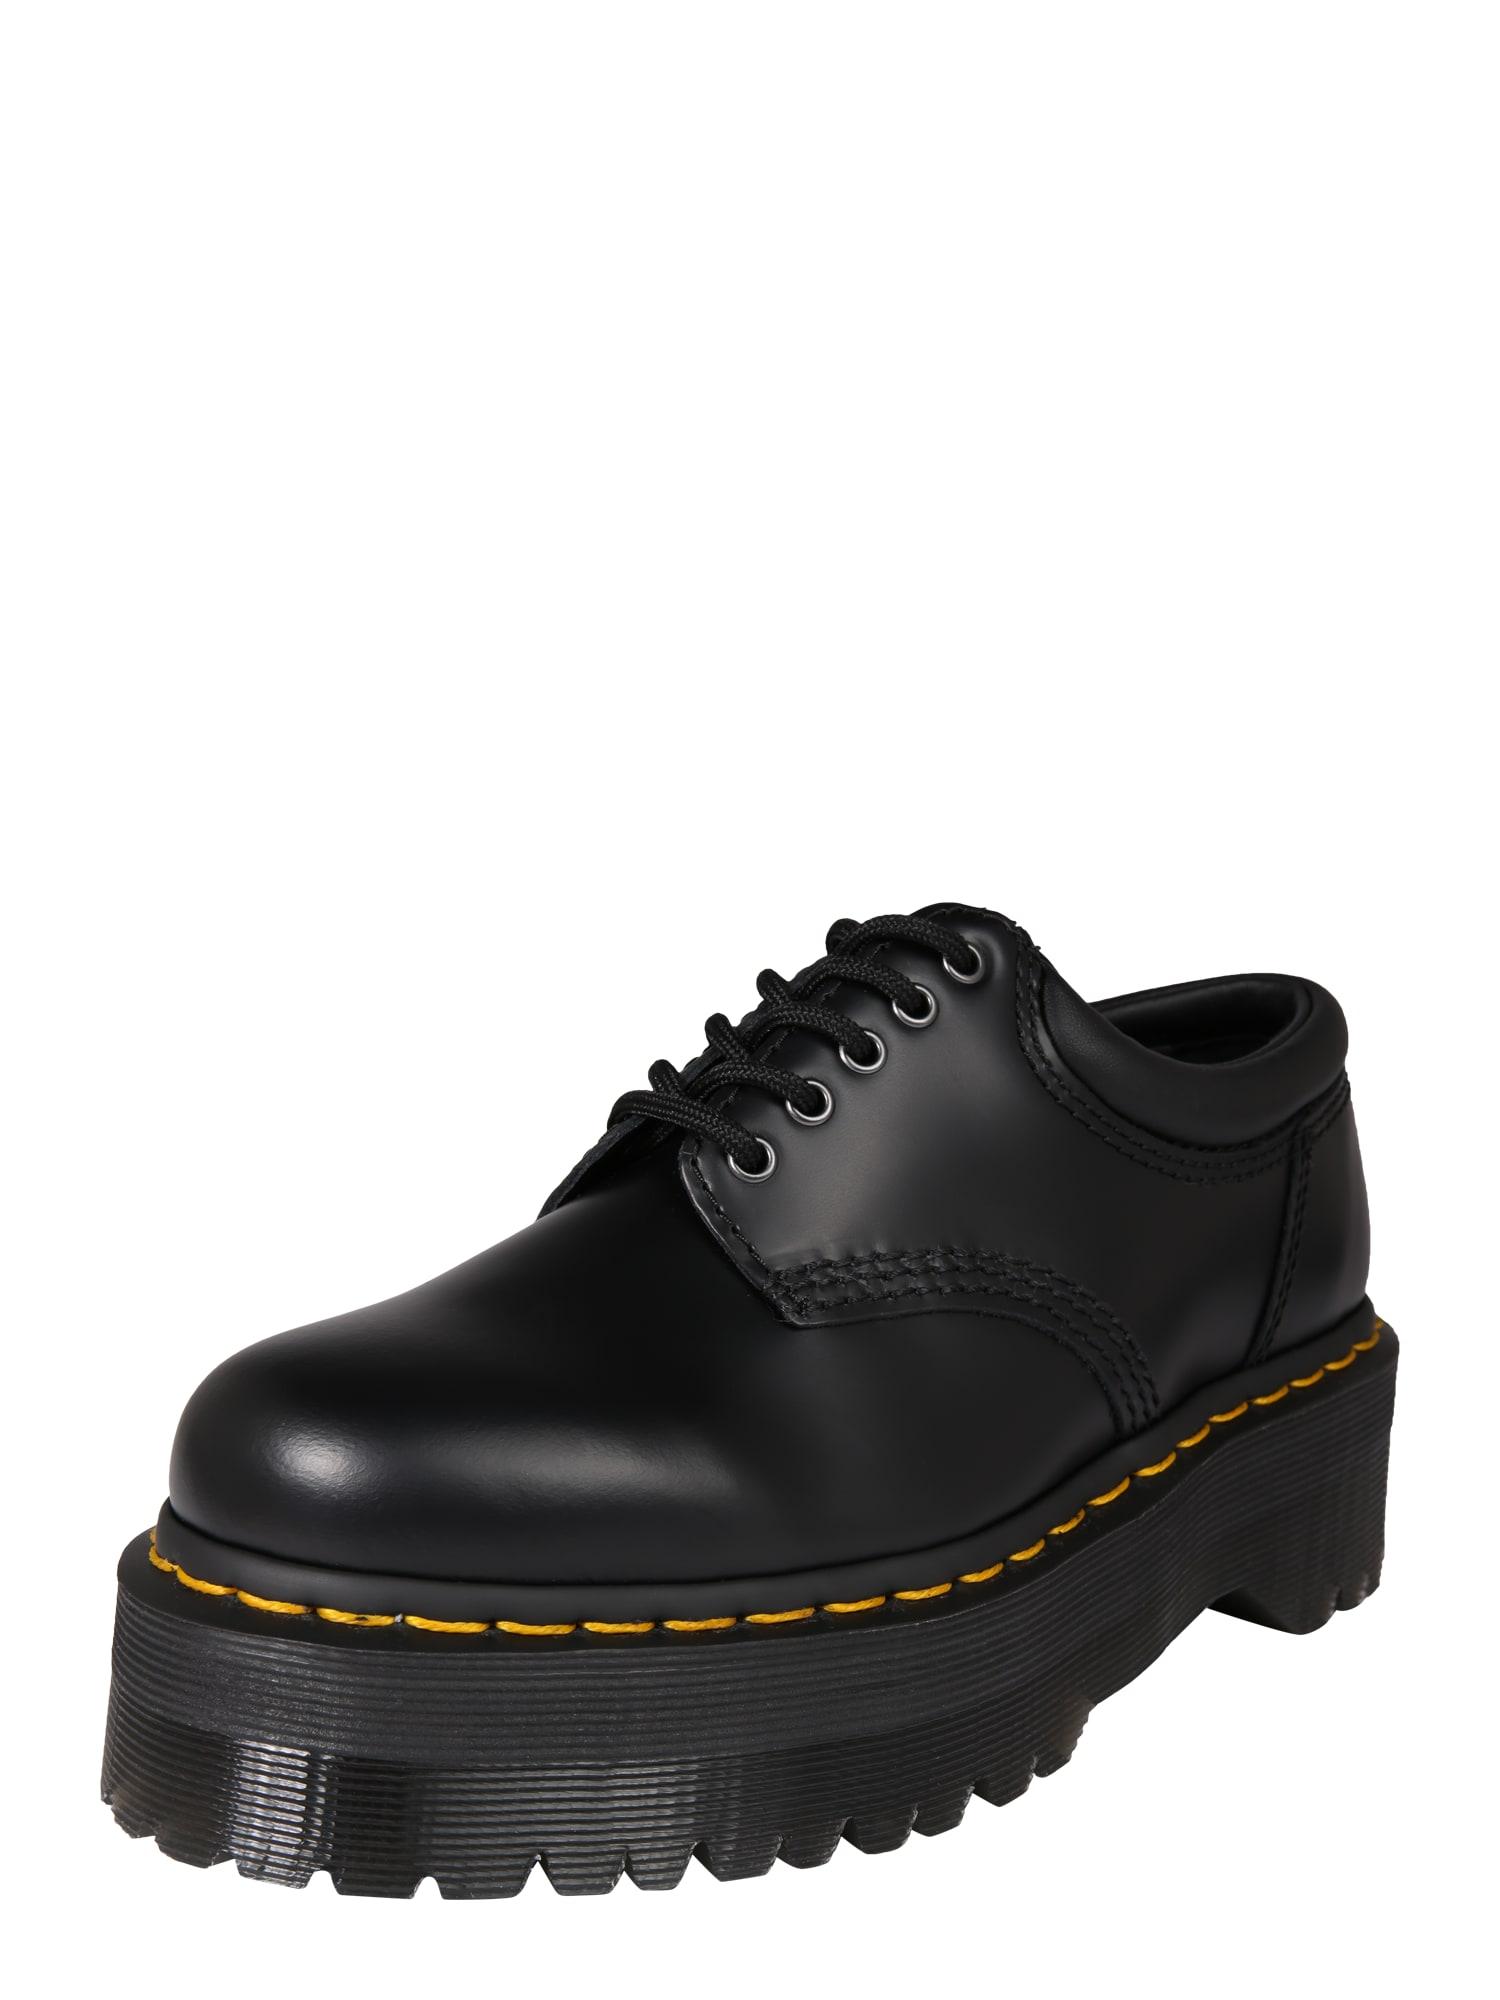 Šněrovací boty 5 Tie Shoe 8053 černá Dr. Martens